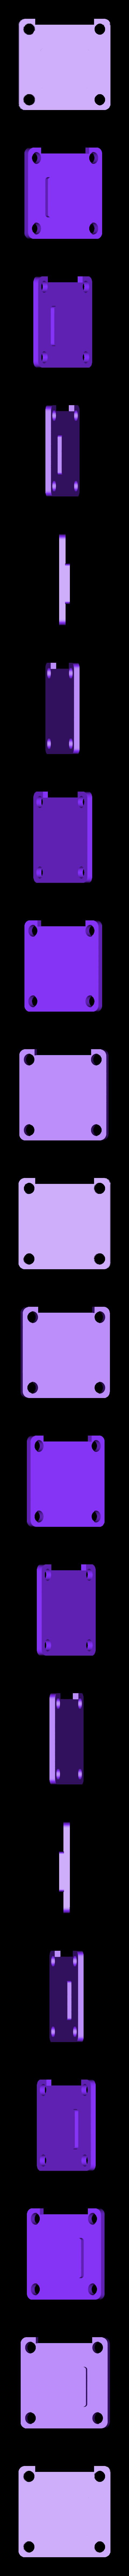 MiniSplit_Doors.stl Télécharger fichier STL gratuit Split Mini - Couvercle du boîtier • Objet pour imprimante 3D, Gophy